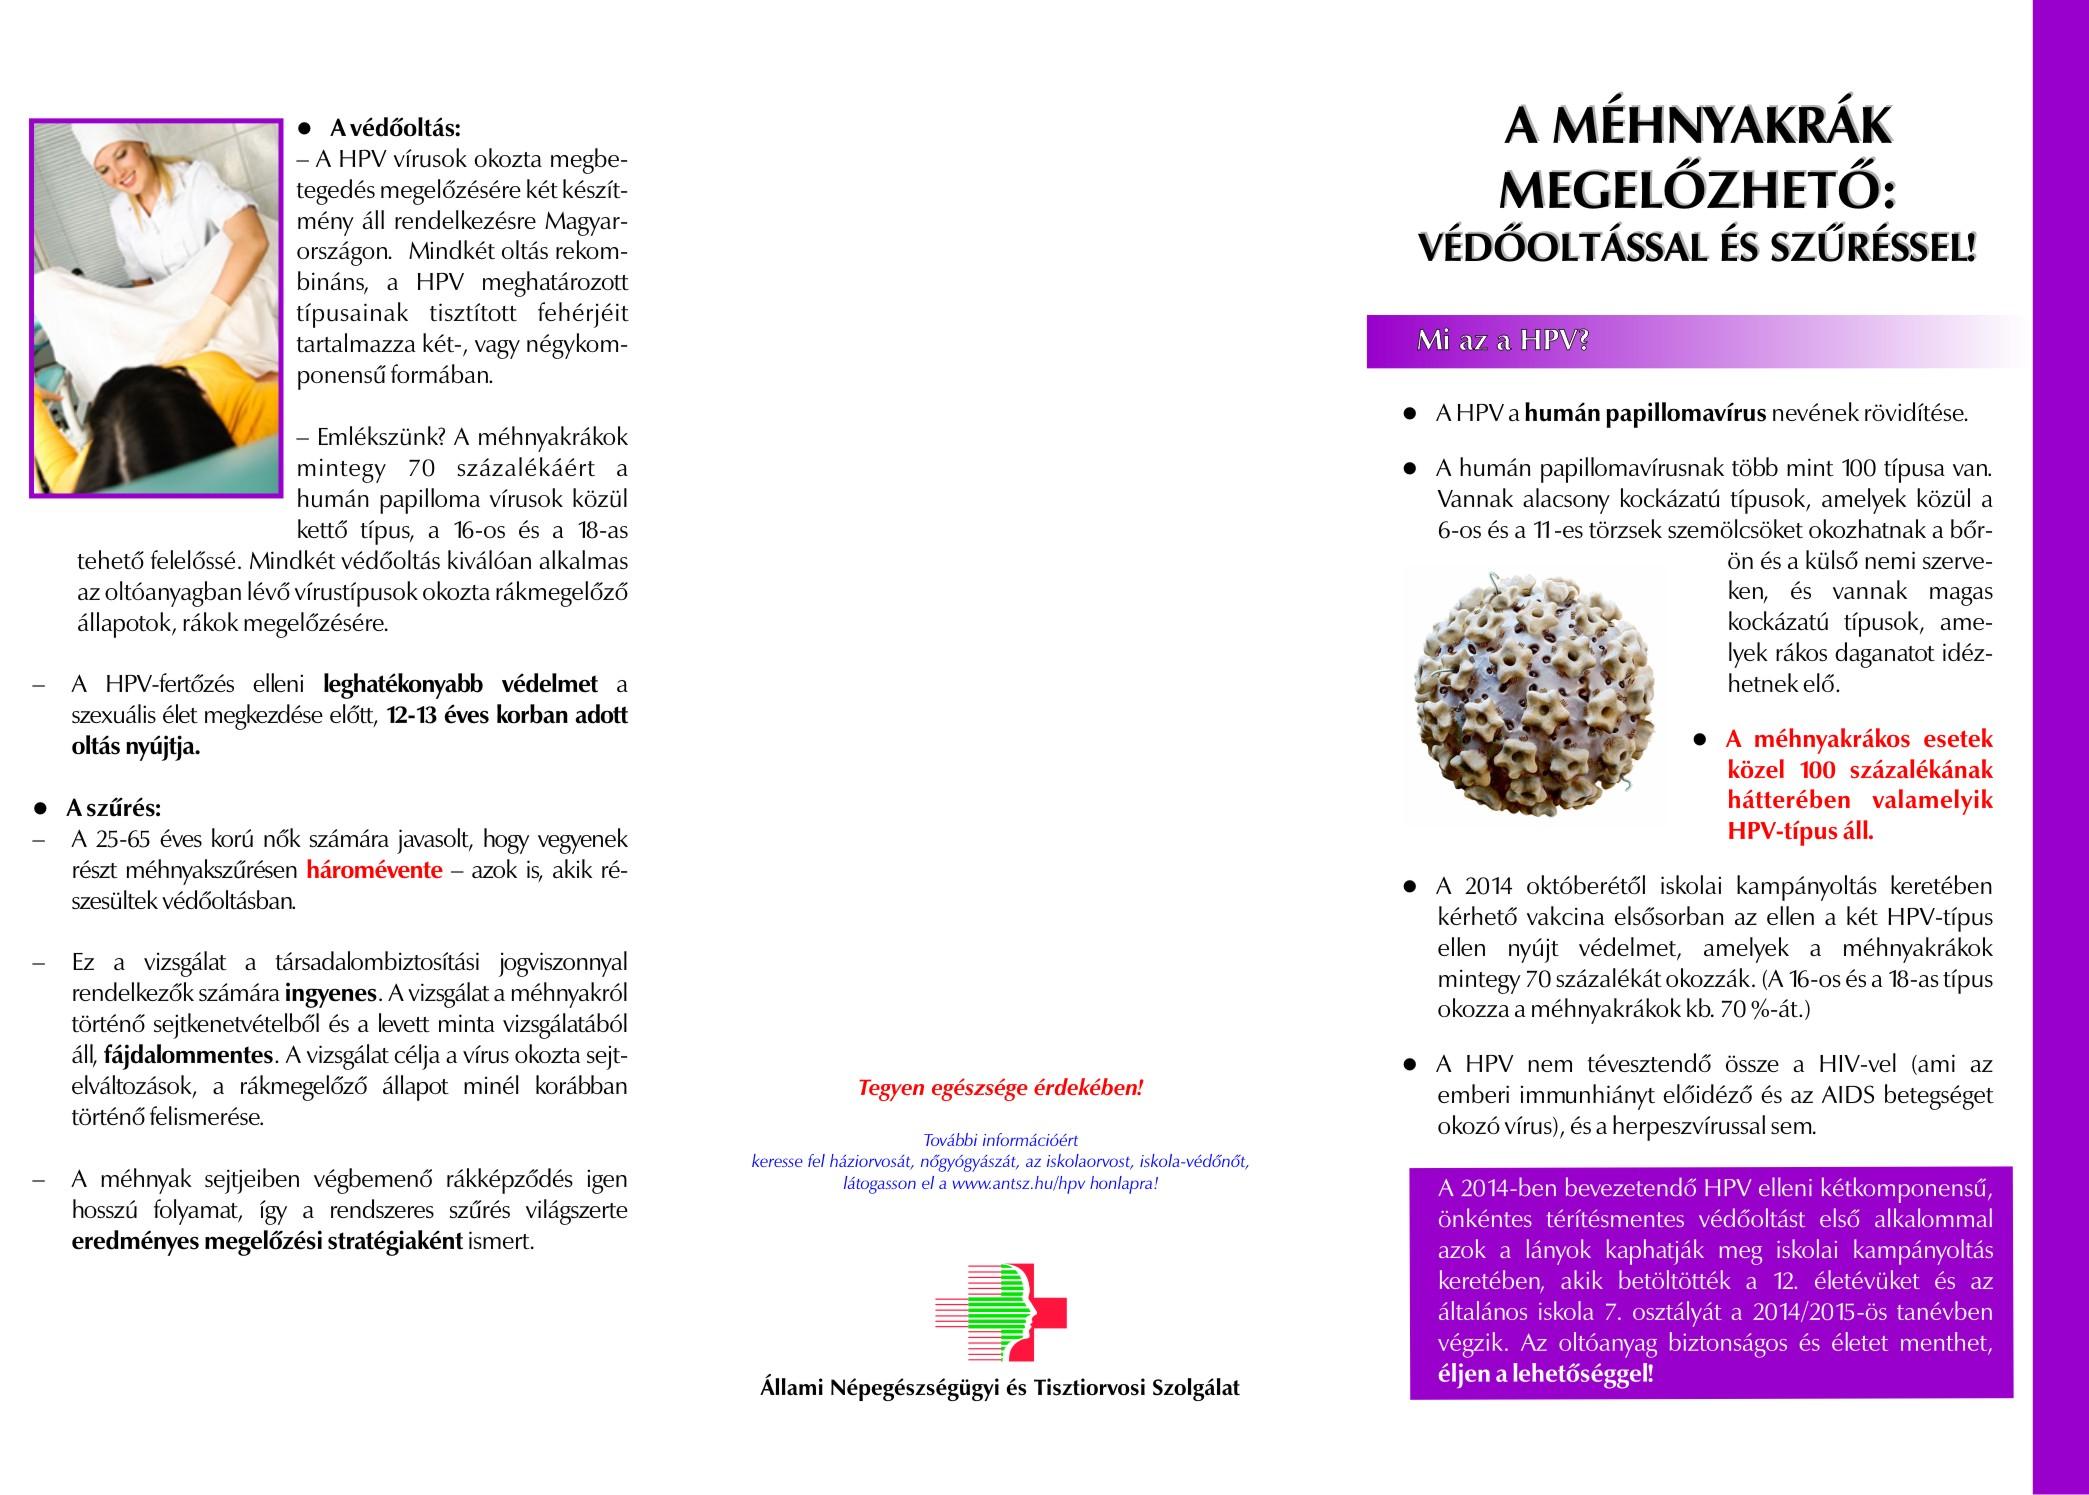 új papillomavírus elleni vakcina